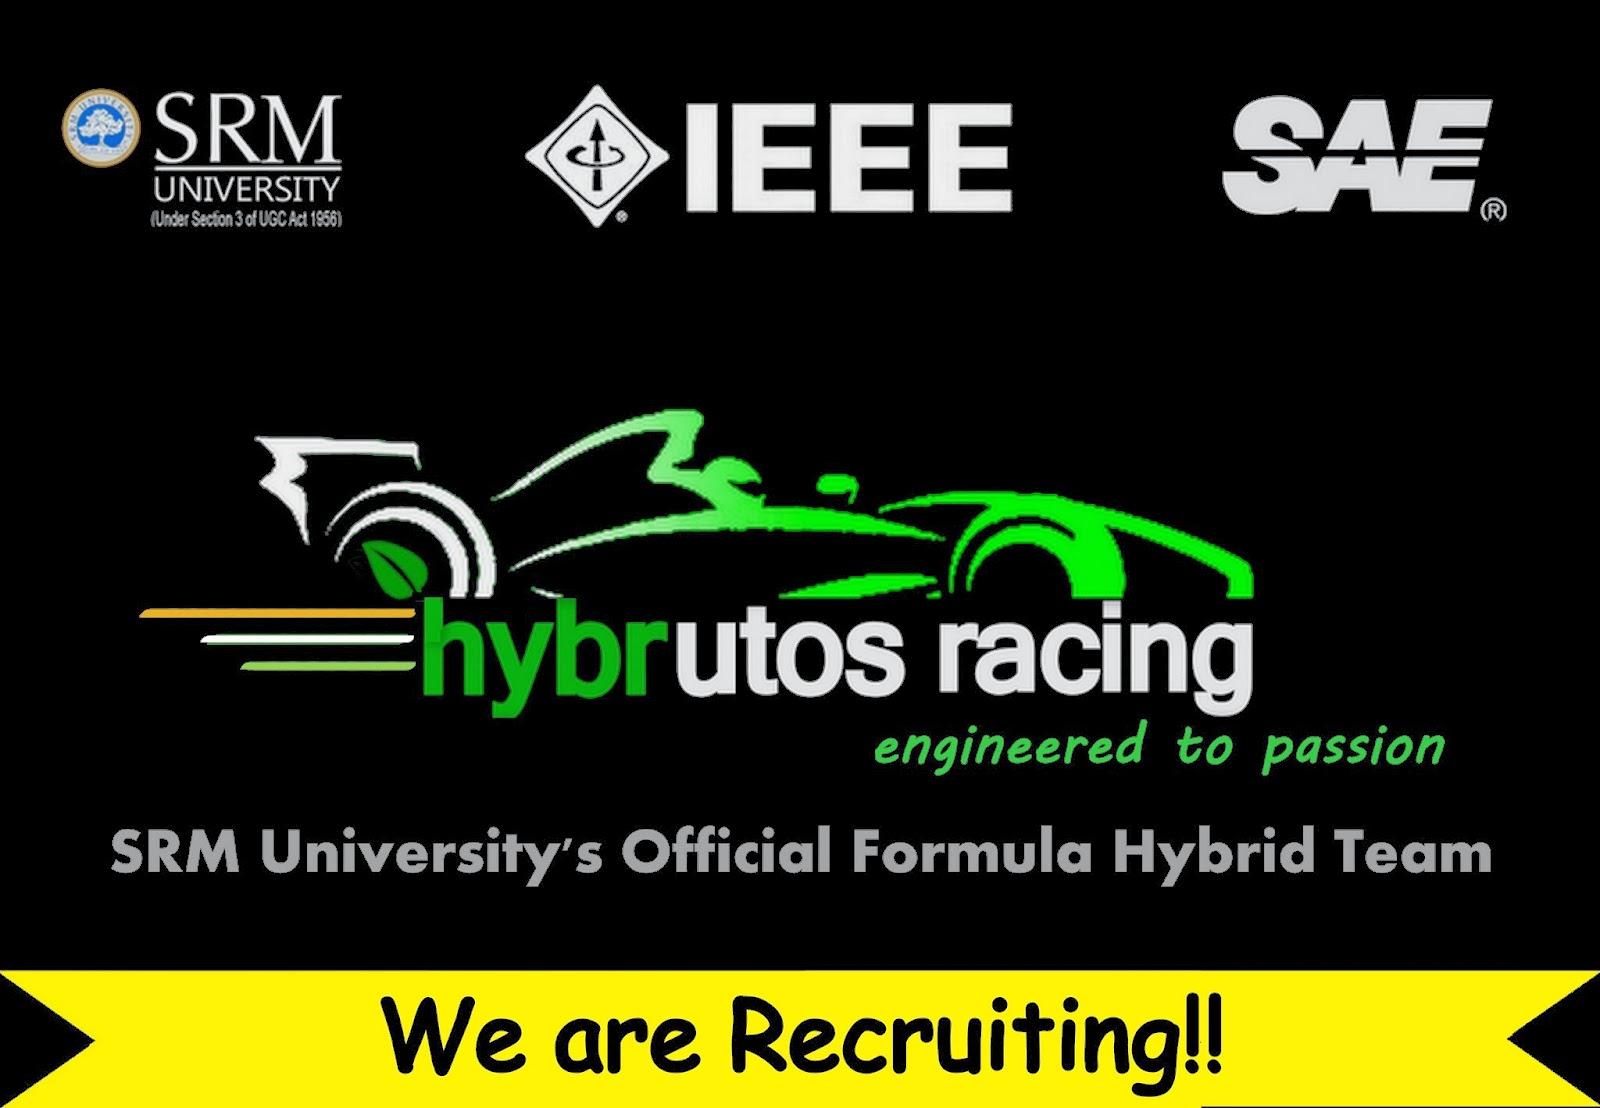 Hybrutos Racing